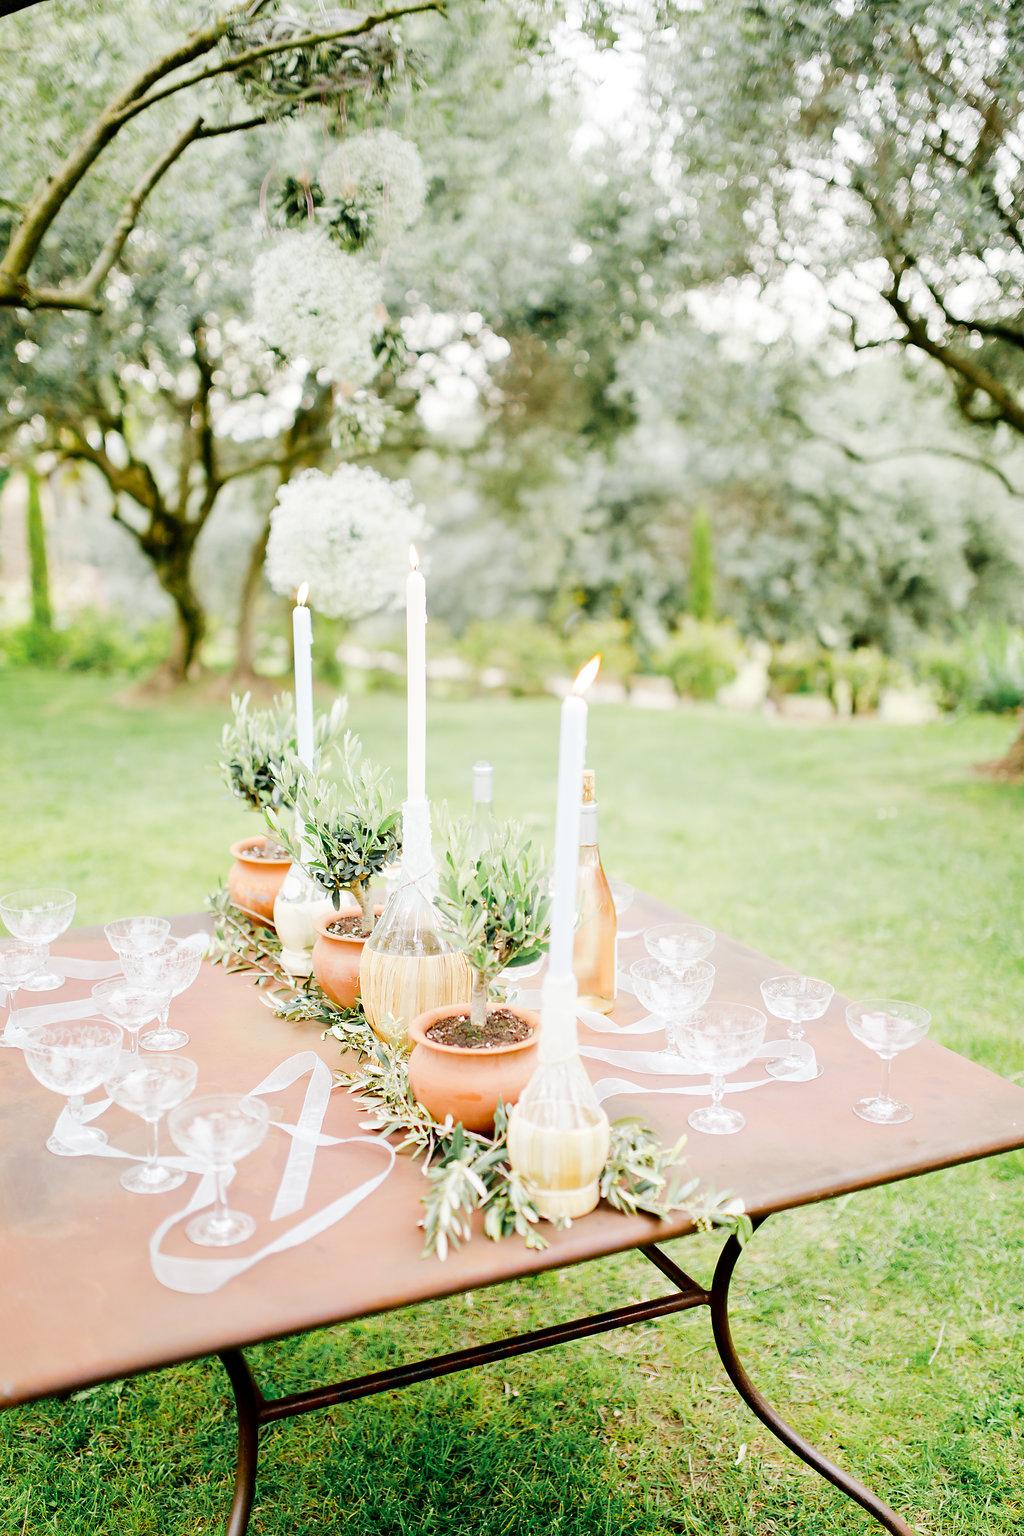 le coeur dans les etoiles - wedding planner - provence - luberon - alpilles - drome - vaucluse - sardaigne - italie - organisation - mariage - shooting - dolce vita - audrey carnoy-399